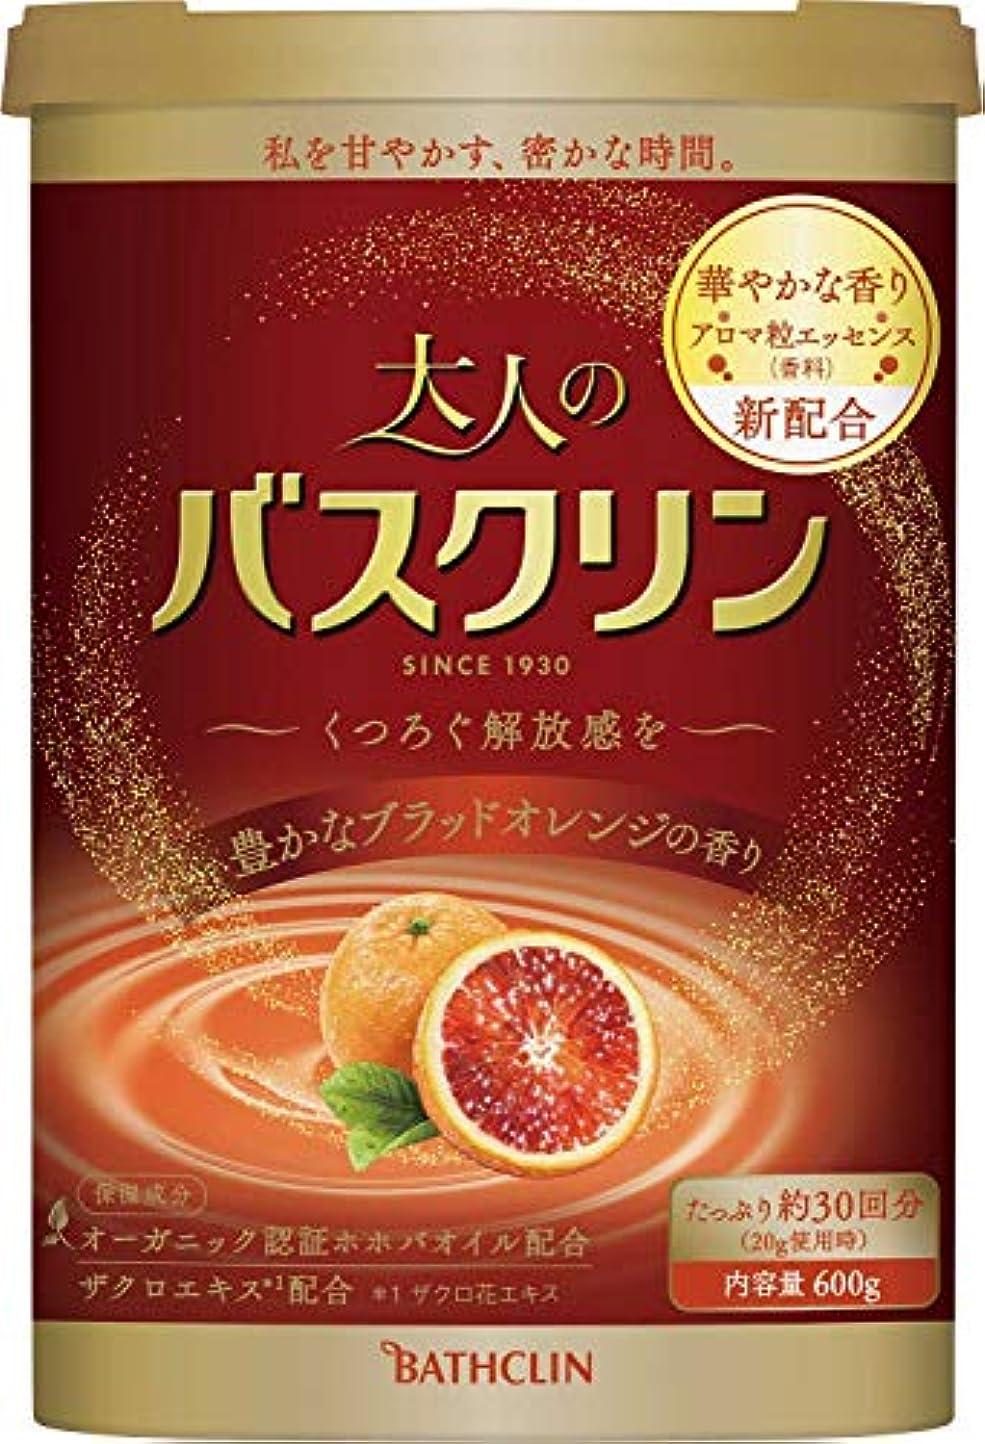 誤解過去トレーダー大人のバスクリン入浴剤 豊かなブラッドオレンジの香り600g(約30回分) リラックス にごりタイプ